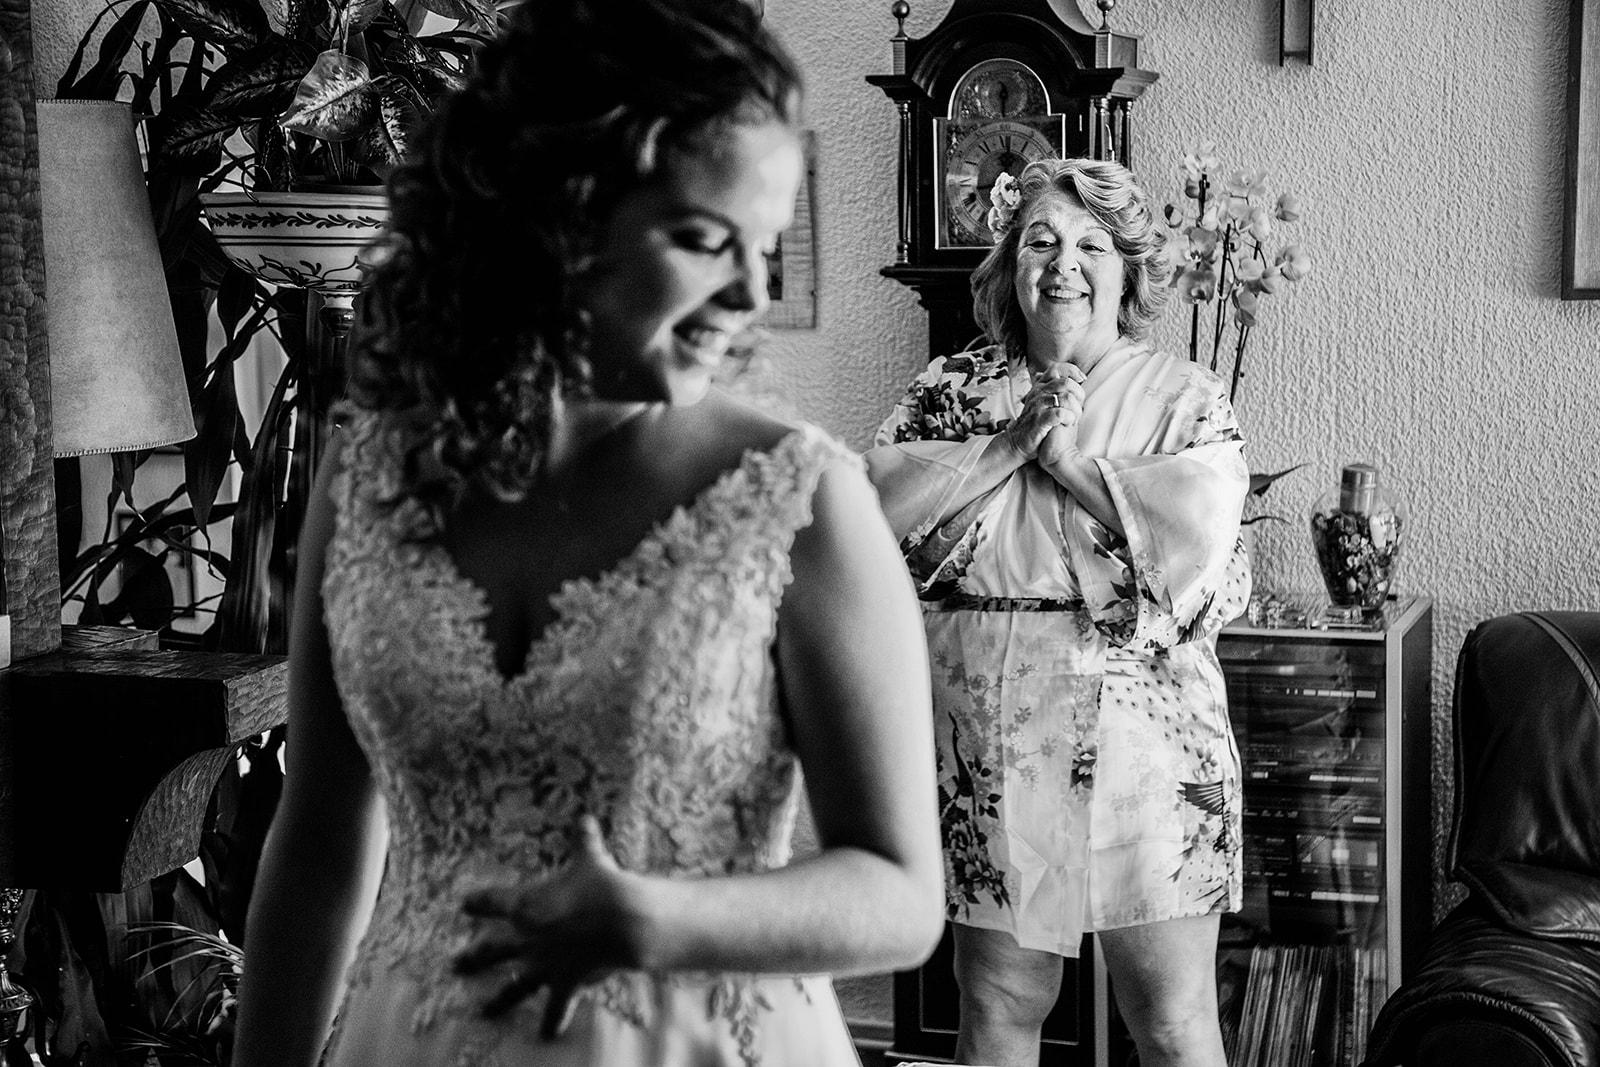 madre viendo su hija con vestido de novia